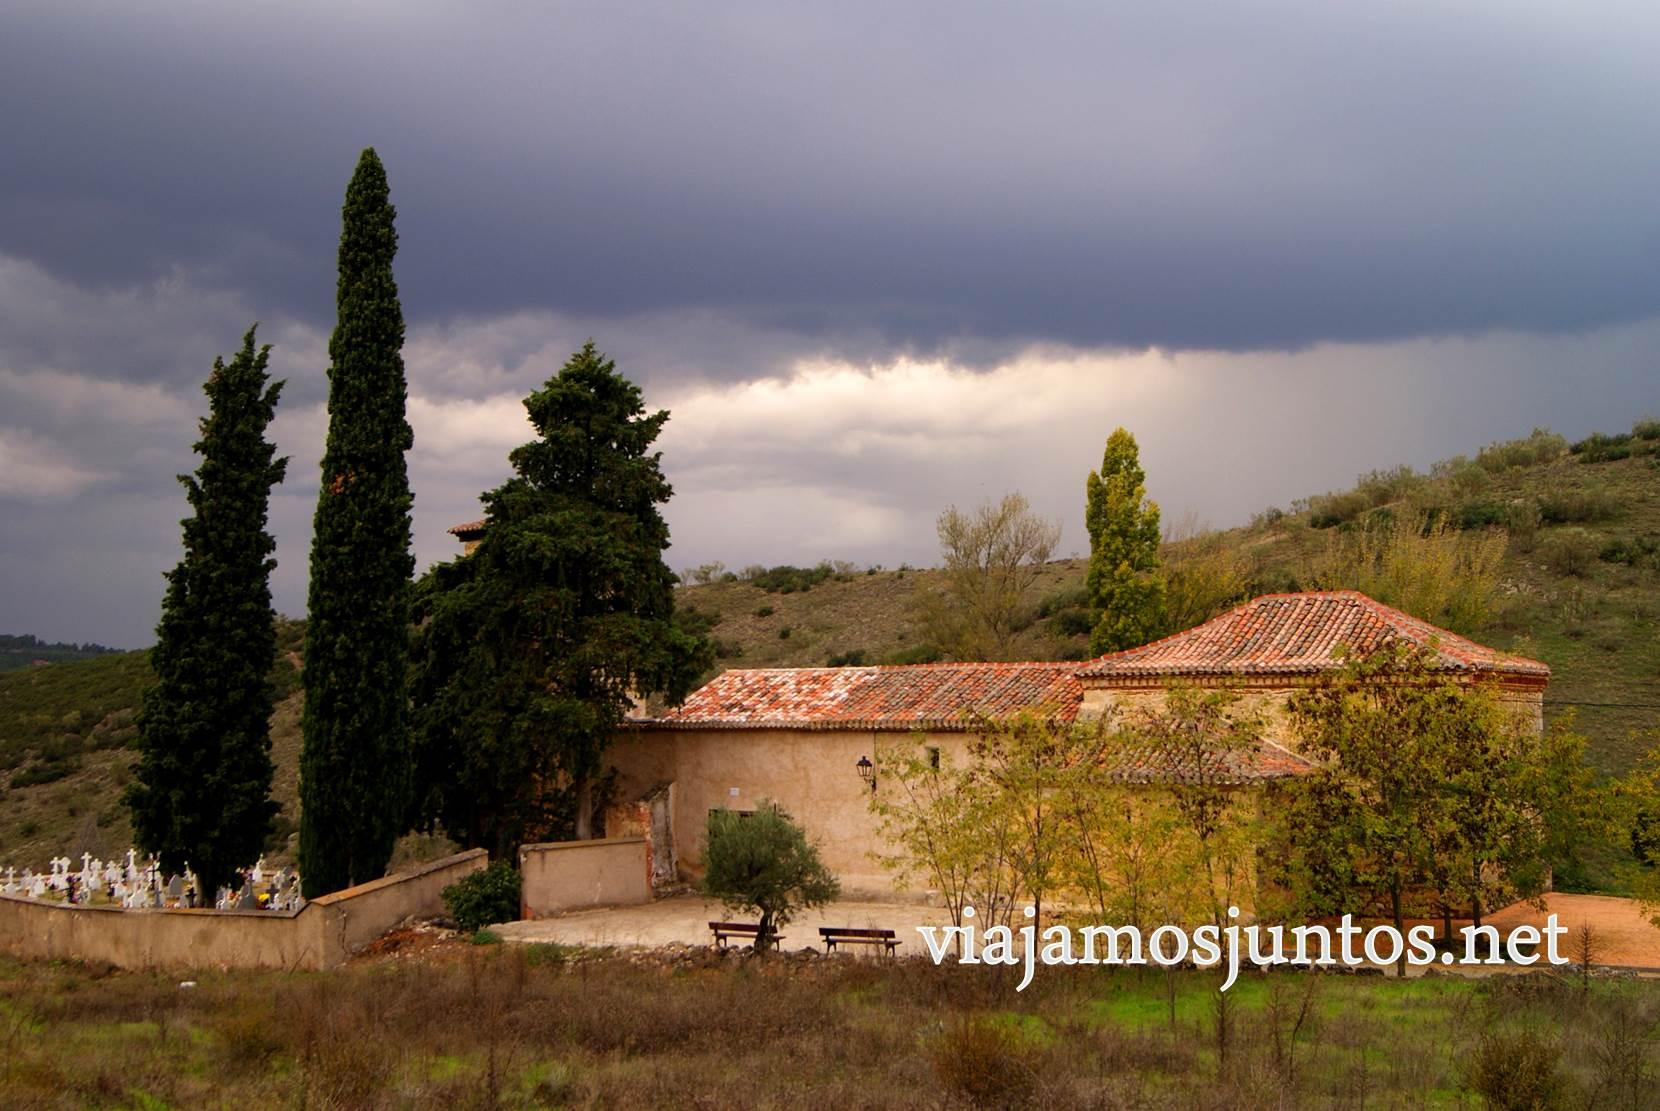 Ruta a las Cárcavas, Patones, Madrid; senderismo por sitios singulares de la Comunidad de Madrid; tormenta y pueblo